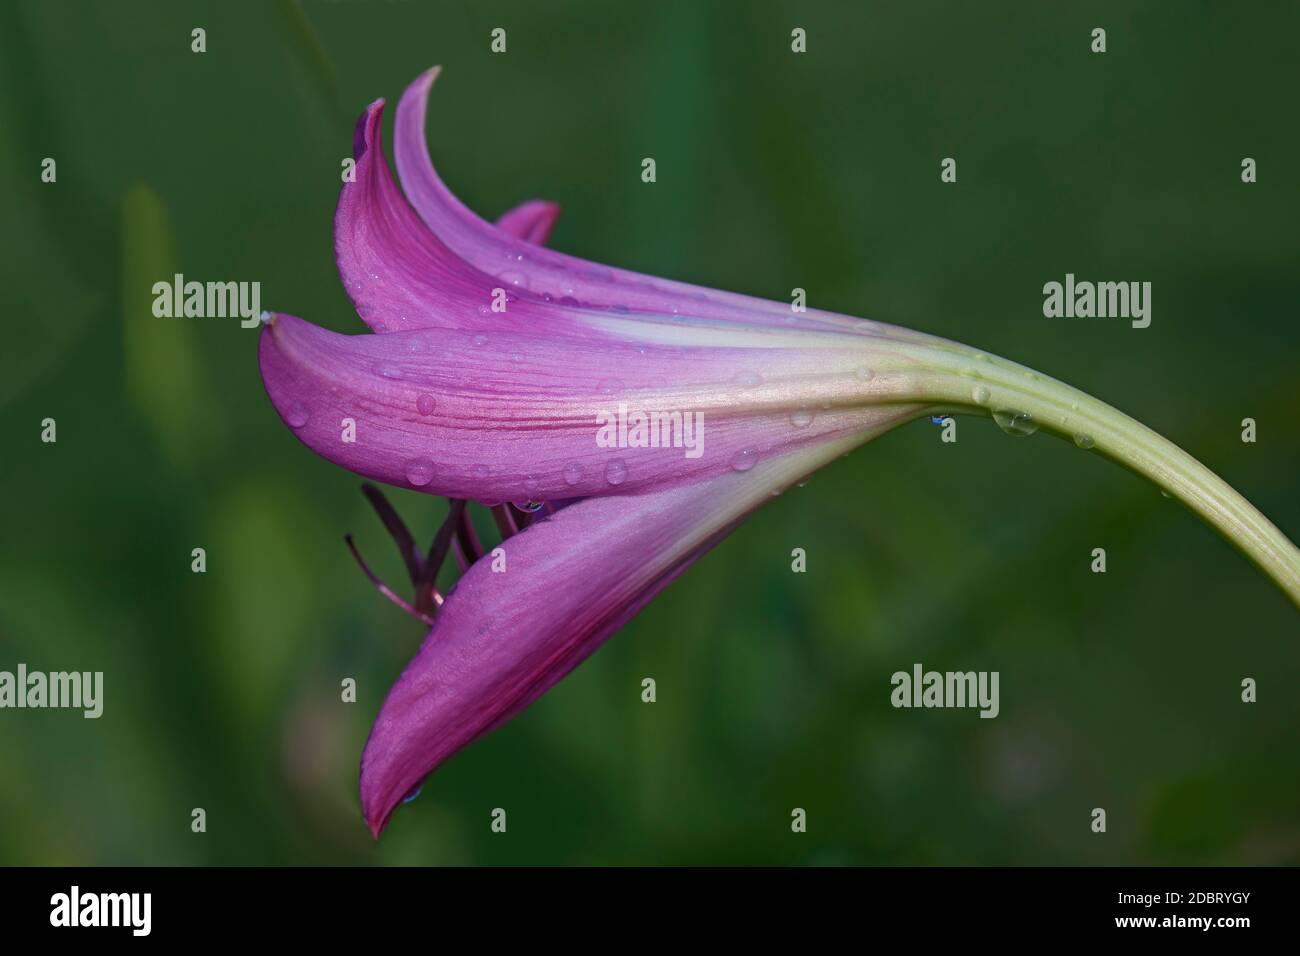 Swamp lily (Crinum x powellii). Hybrid between Crinum bulbispermum and Crunum moorei Stock Photo